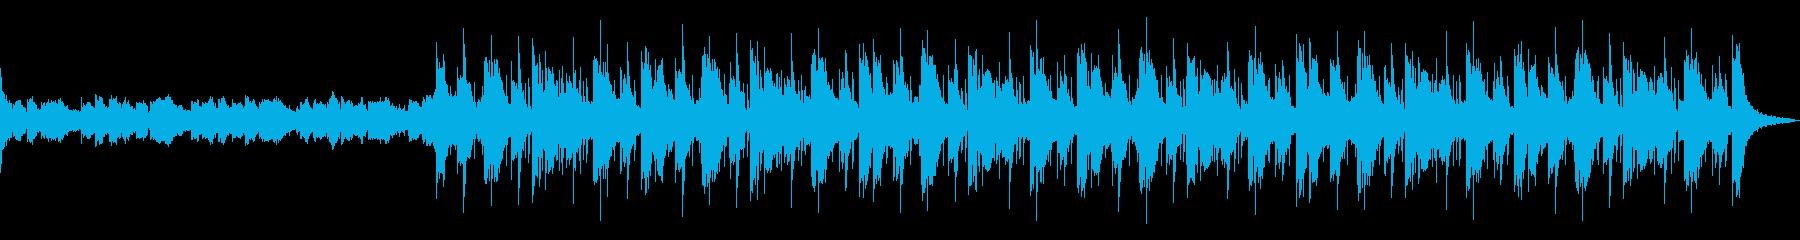 怪しげな雰囲気のHipHopですの再生済みの波形